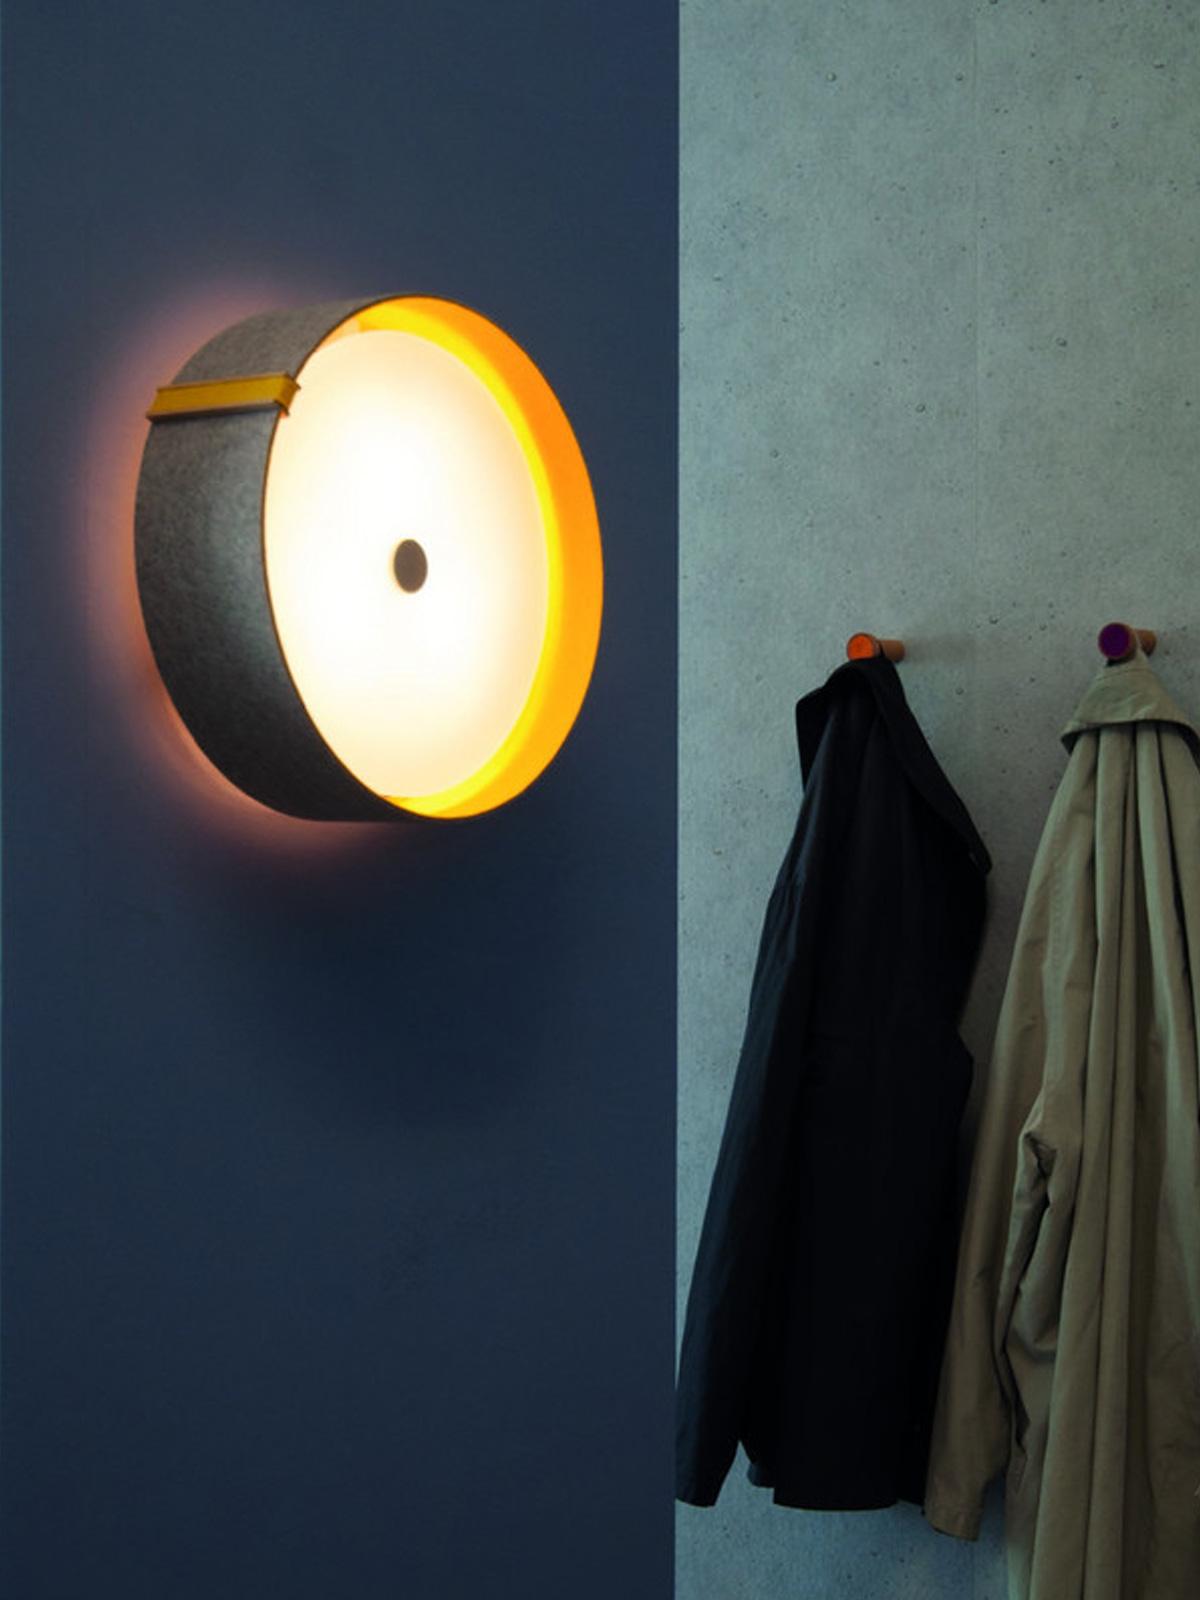 LARAFELT W Domus Licht Wandlampe DesignOrt Berlin Lampen Leuchten Onlineshop